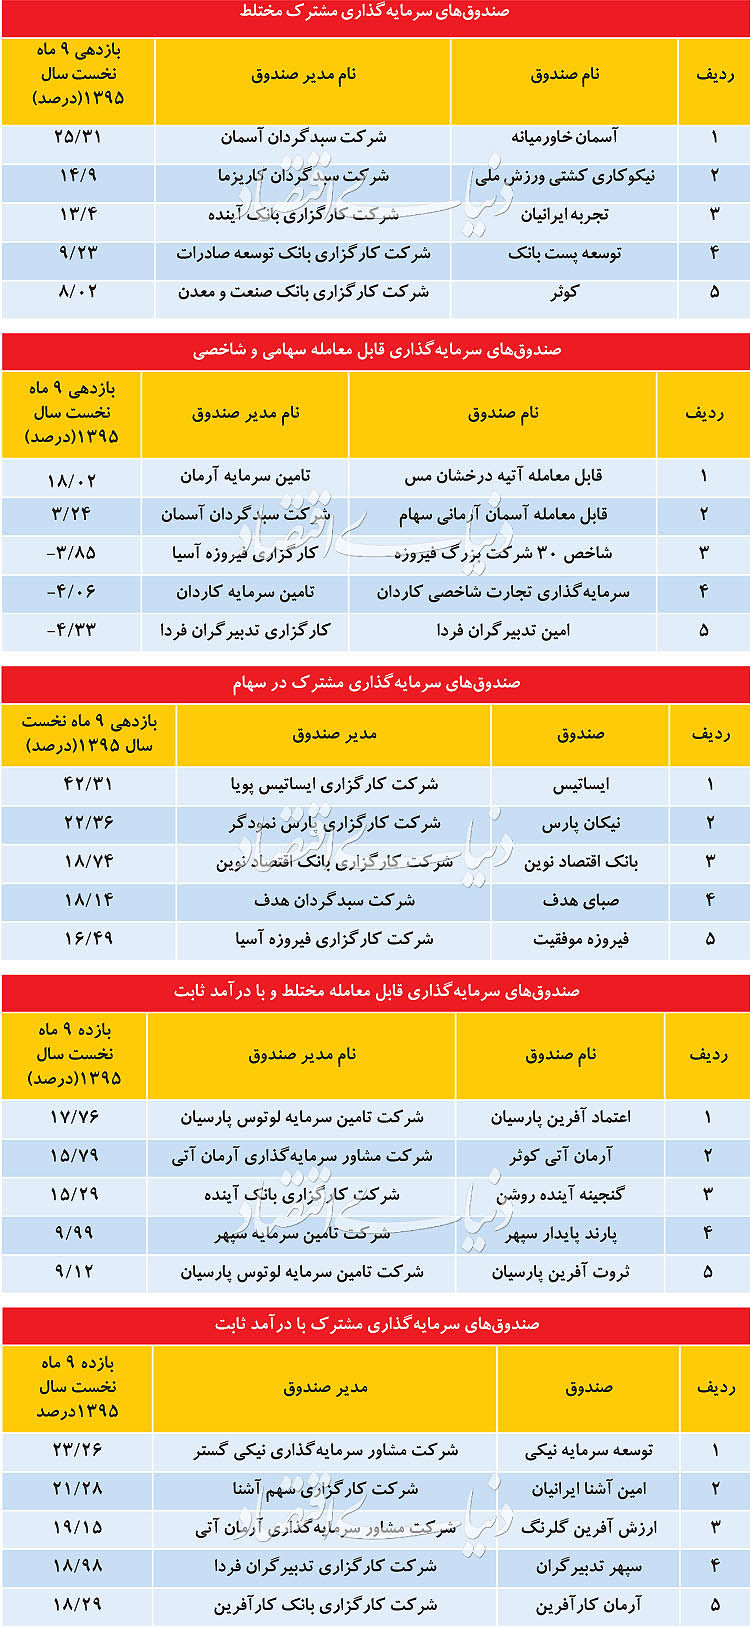 پربازدهترین صندوقهای سرمایهگذاری ایران